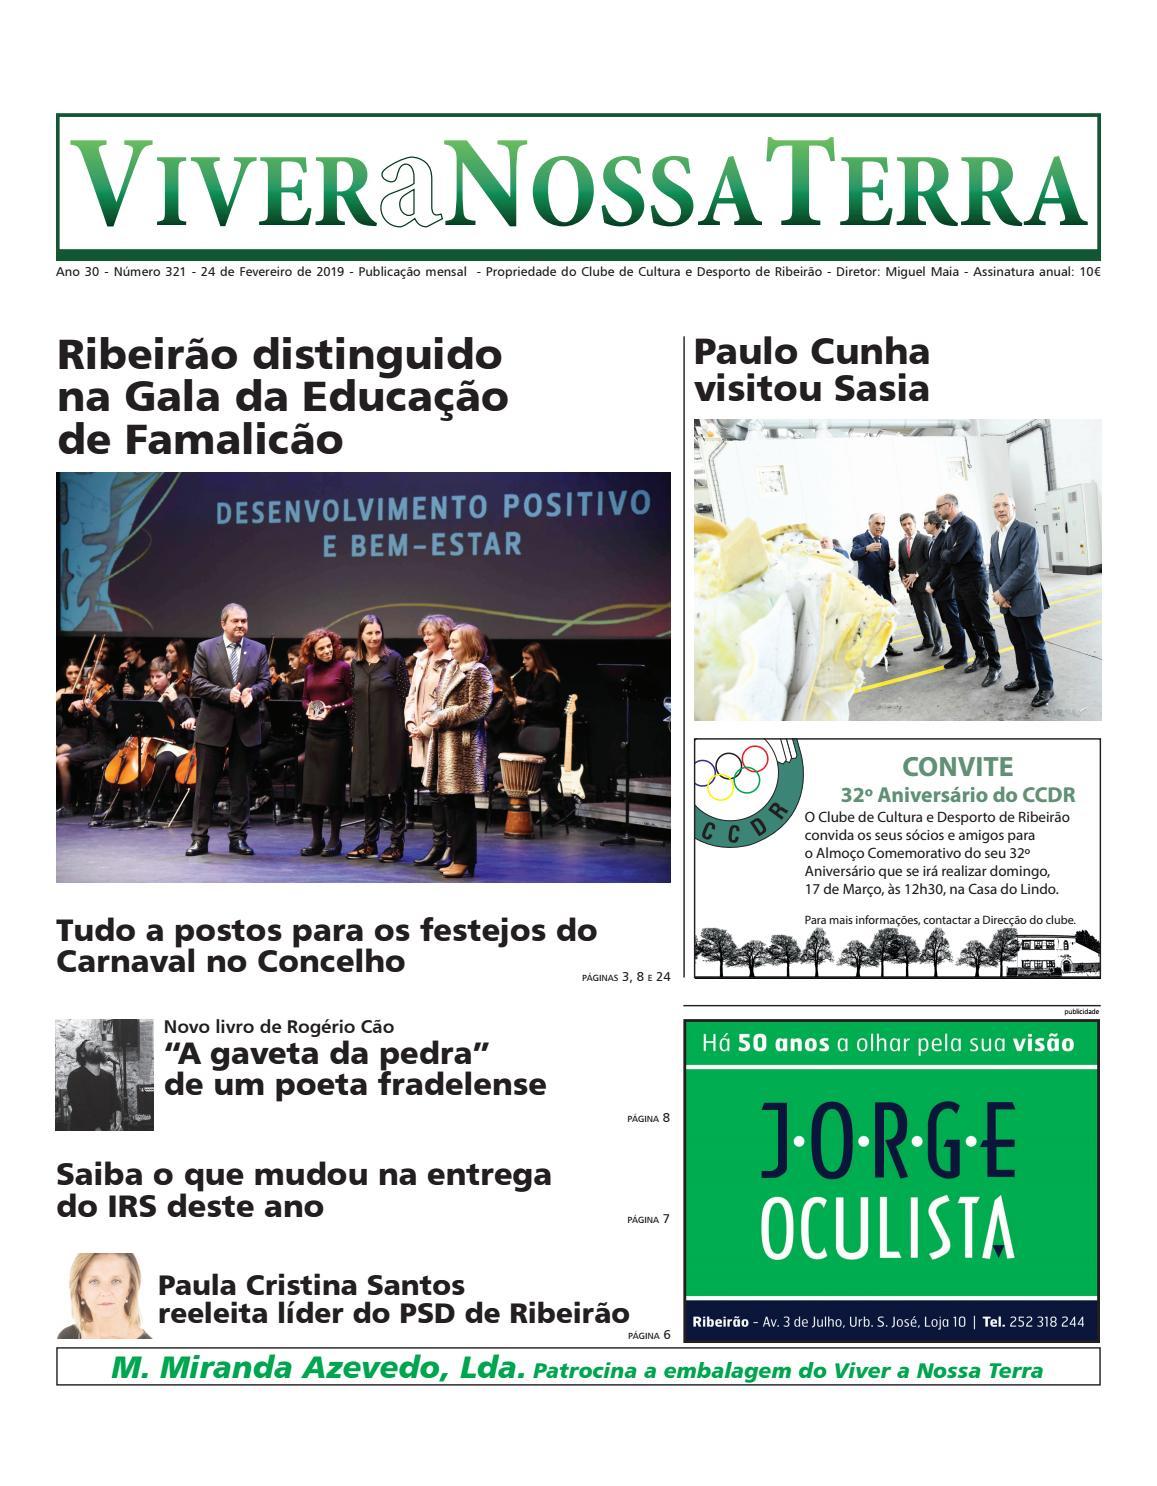 cfe9c223c3477 Viver a Nossa Terra - Fevereiro 2019 by Jornal Viver a Nossa Terra - issuu